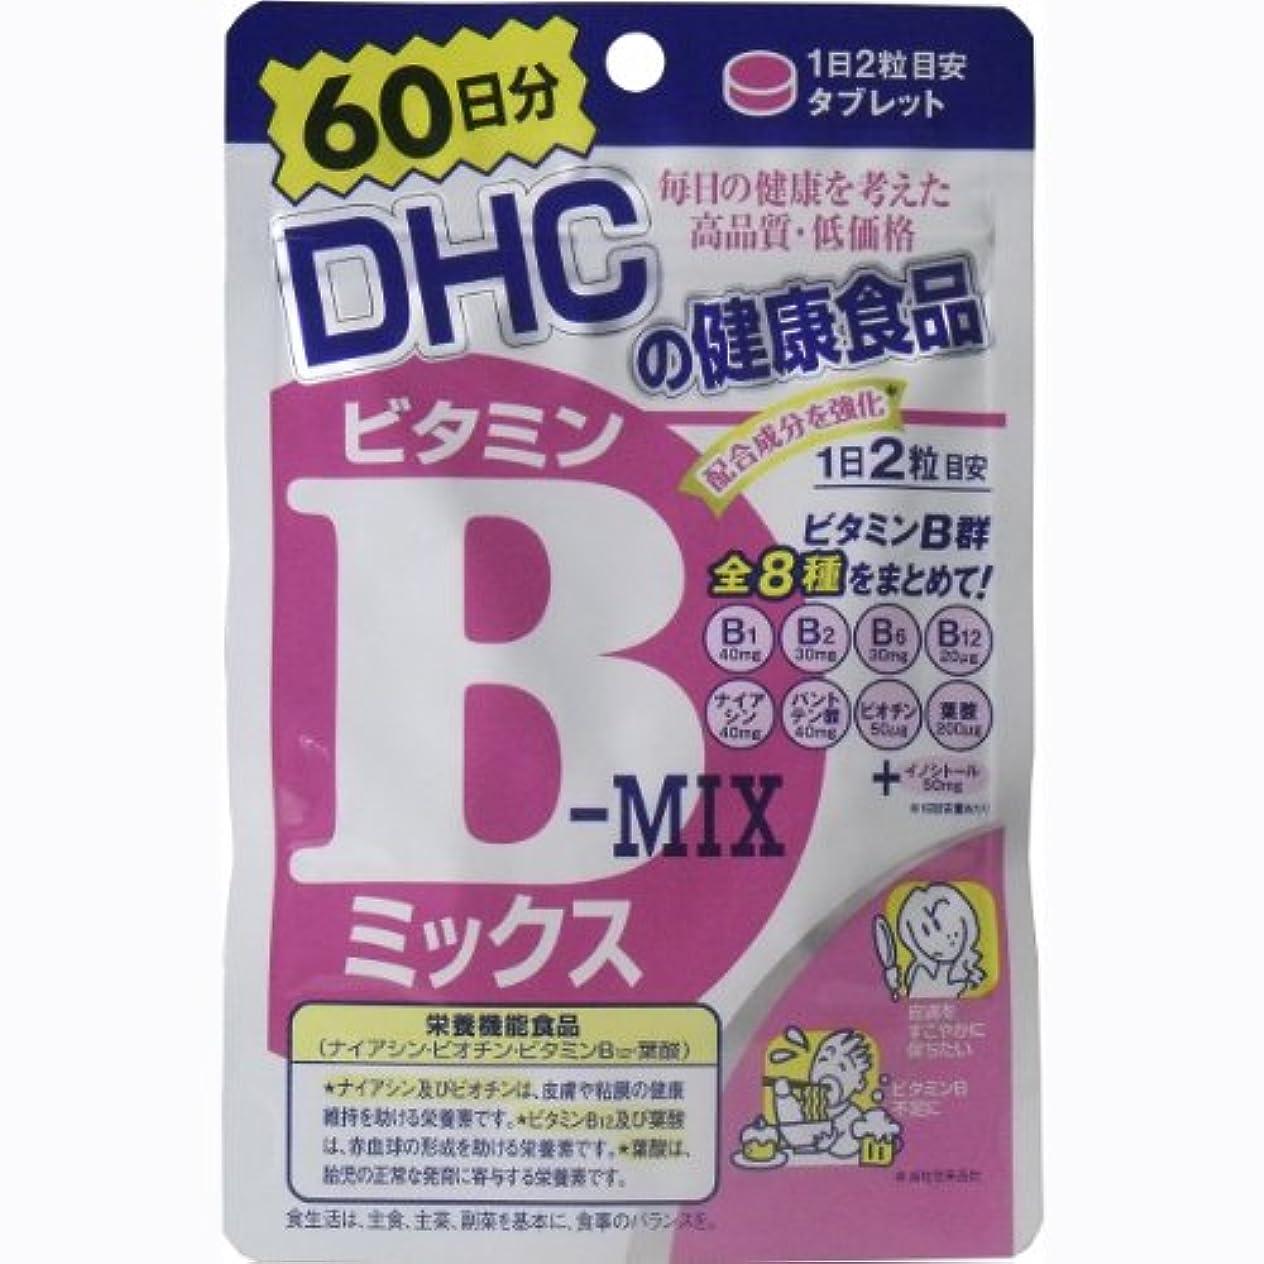 マリン染色悔い改めDHC ビタミンBミックス 120粒 60日分「3点セット」